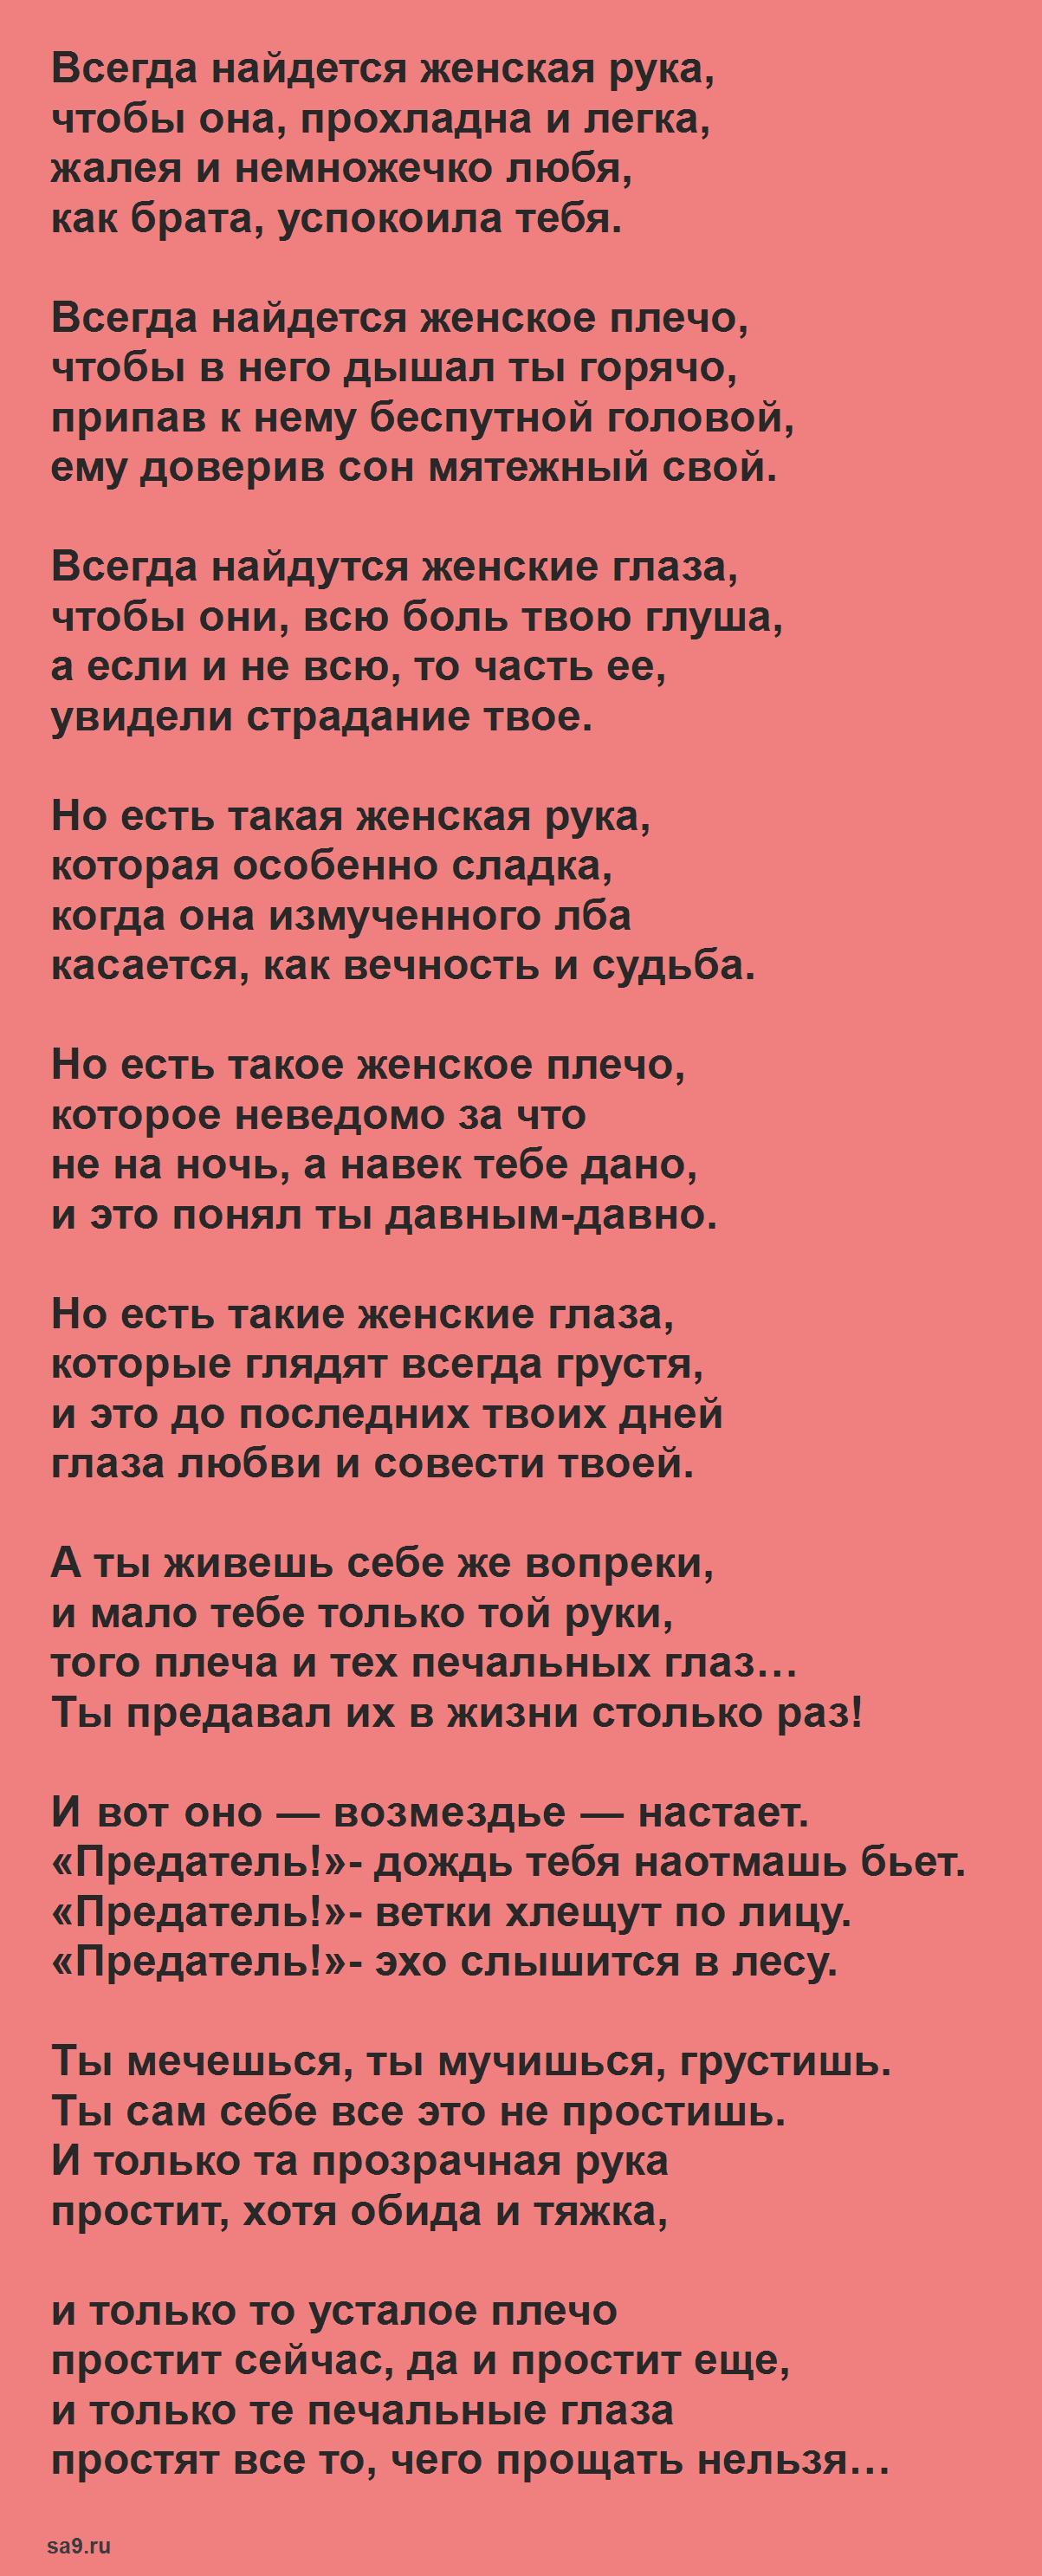 Евтушенко стихи о любви - Всегда найдется женская рука